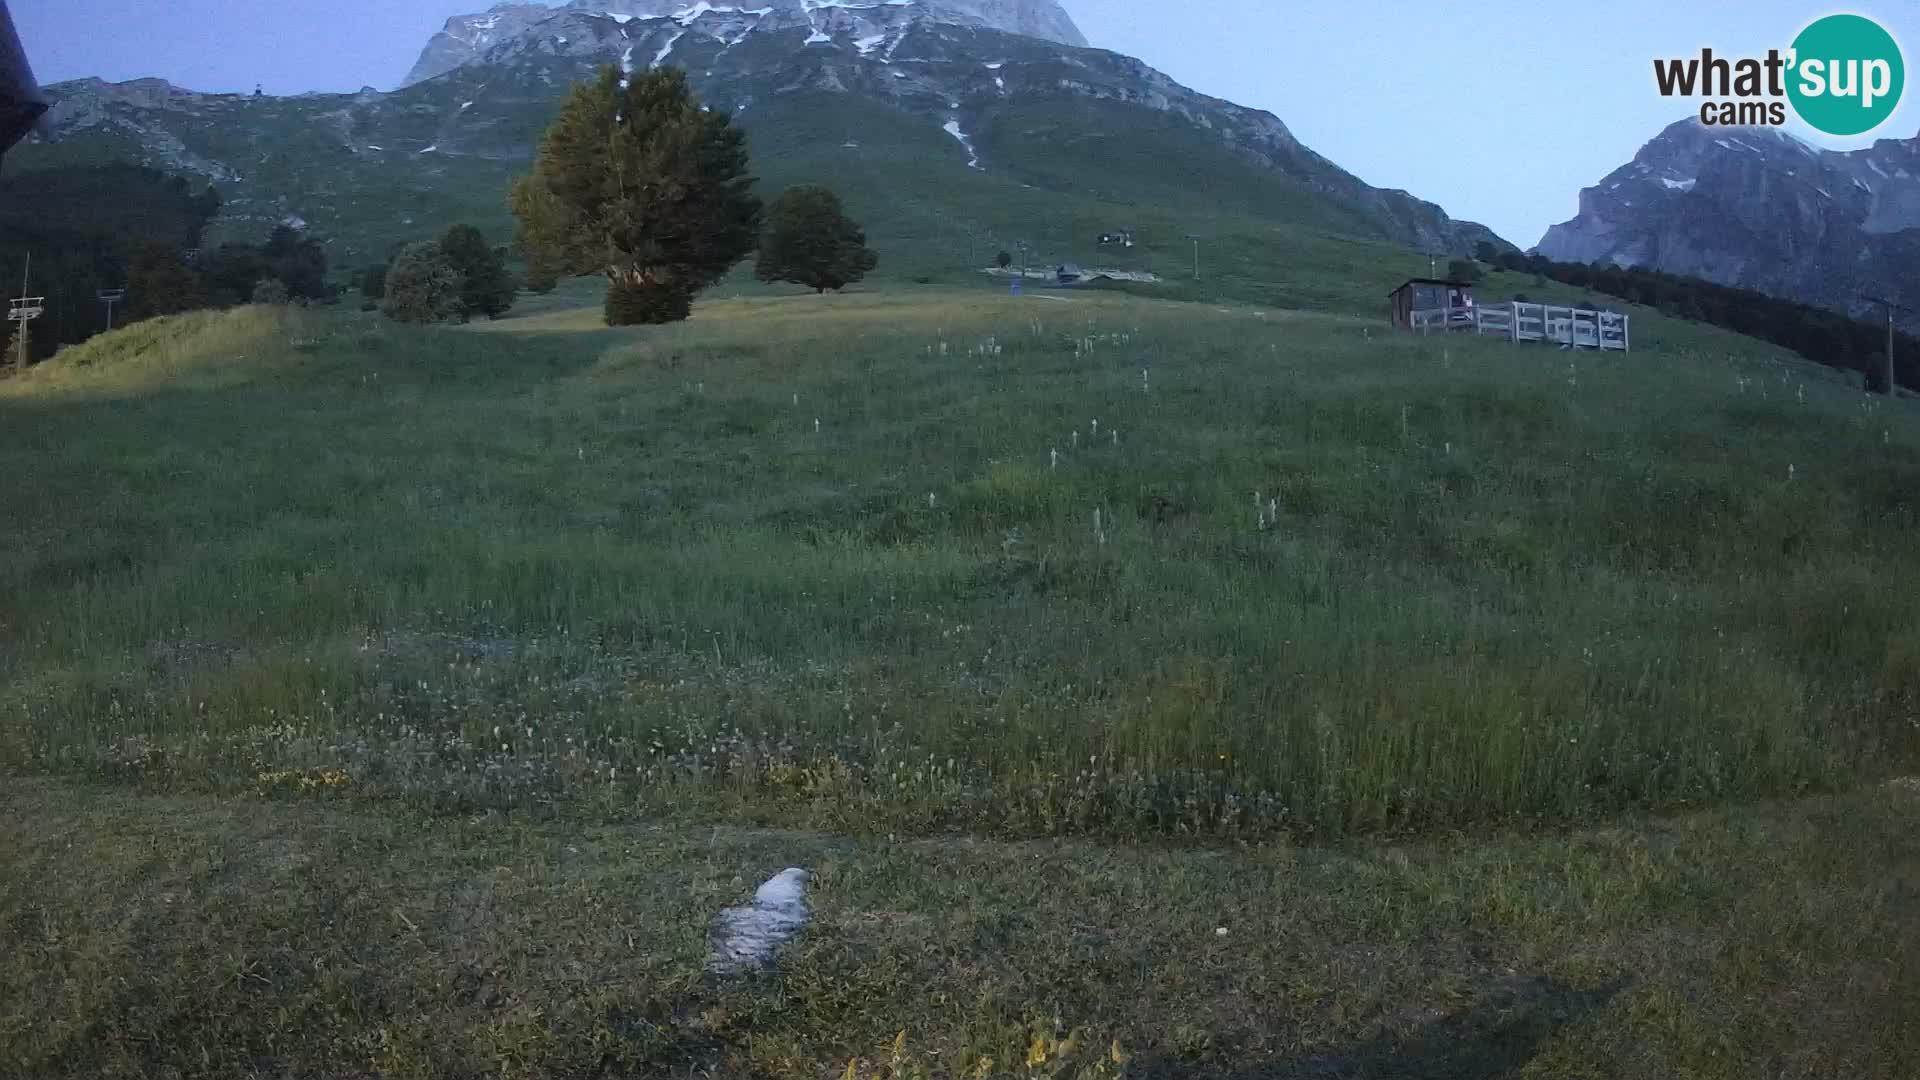 Ski resort Prati di Tivo – Gran Sasso